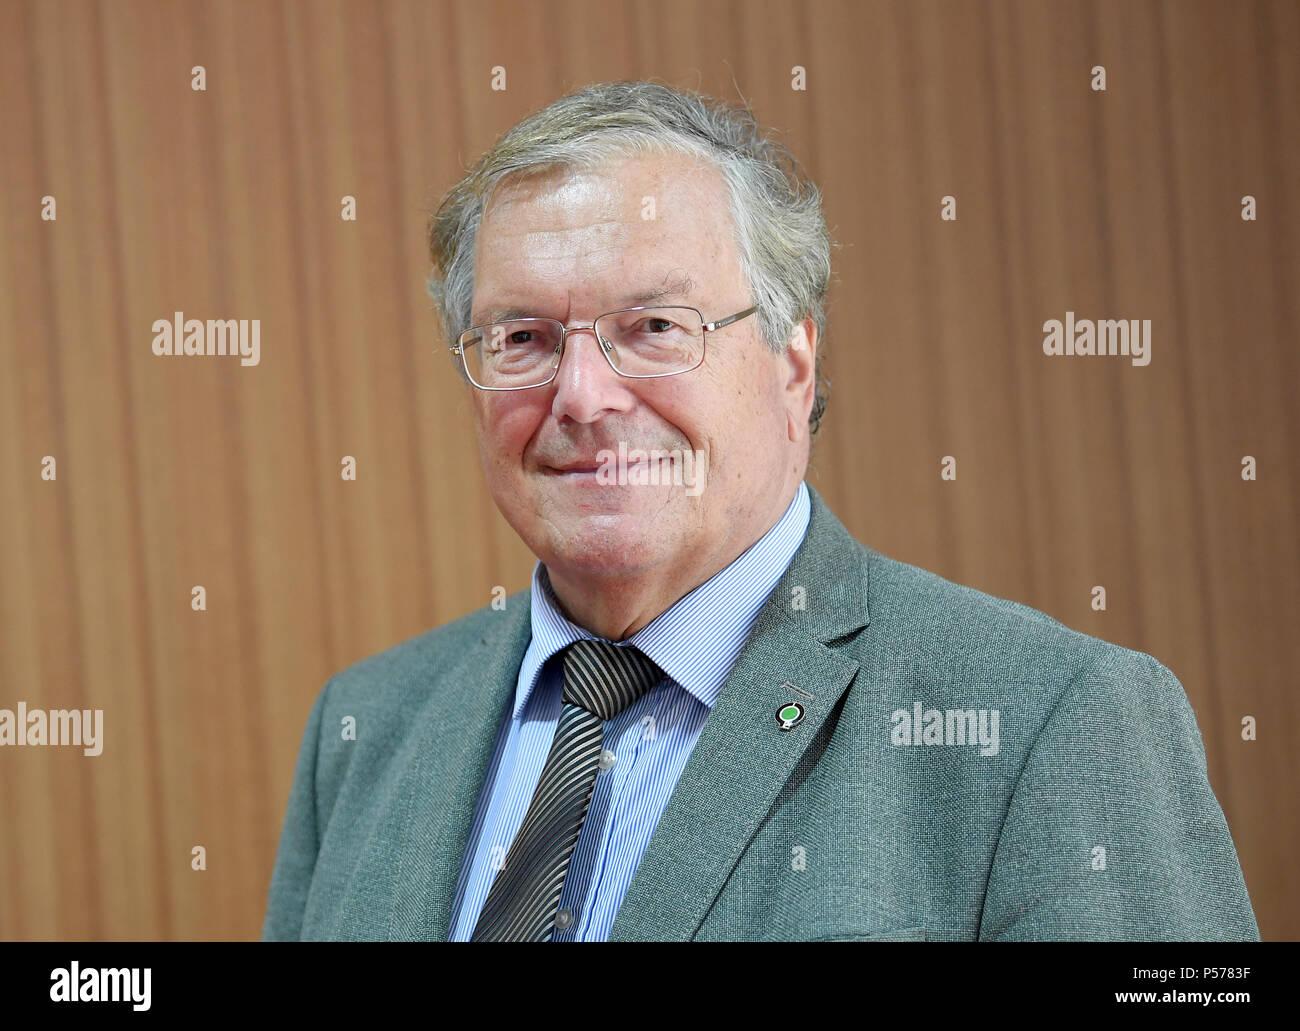 Tolle Hubett Rahmen Bilder - Bilderrahmen Ideen - szurop.info